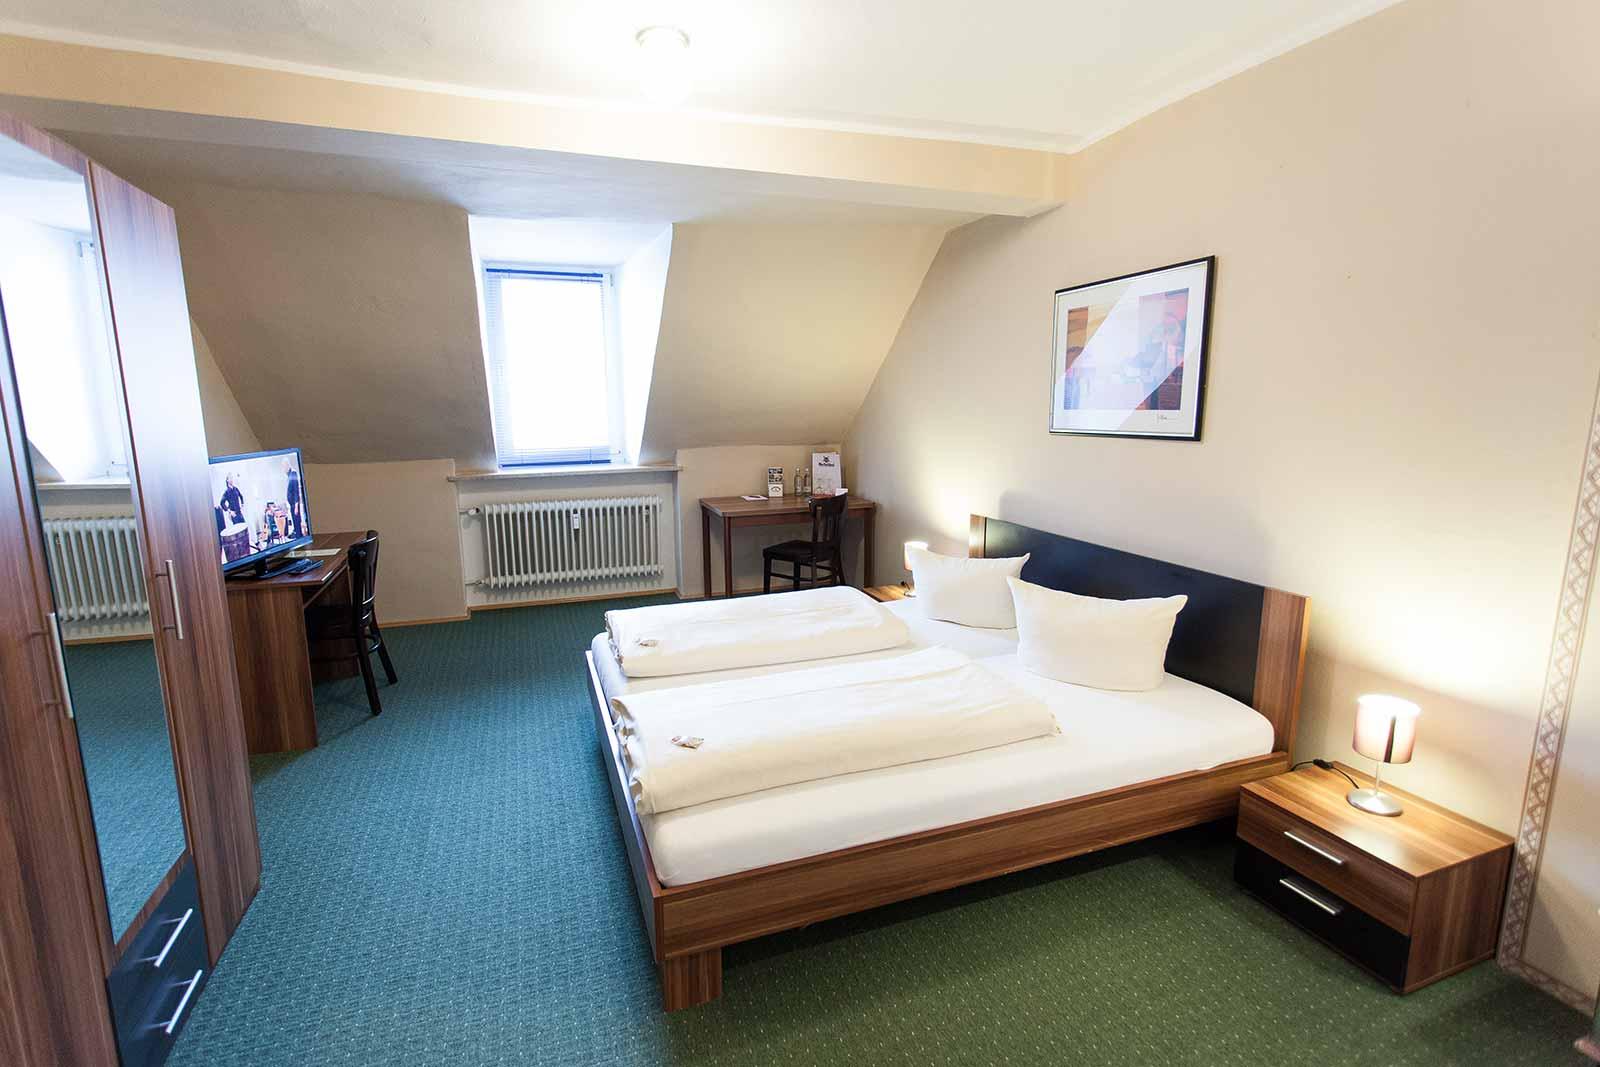 Kuche Direkt Gewerbepark Regensburg Hotel Bischofshof Braustuben